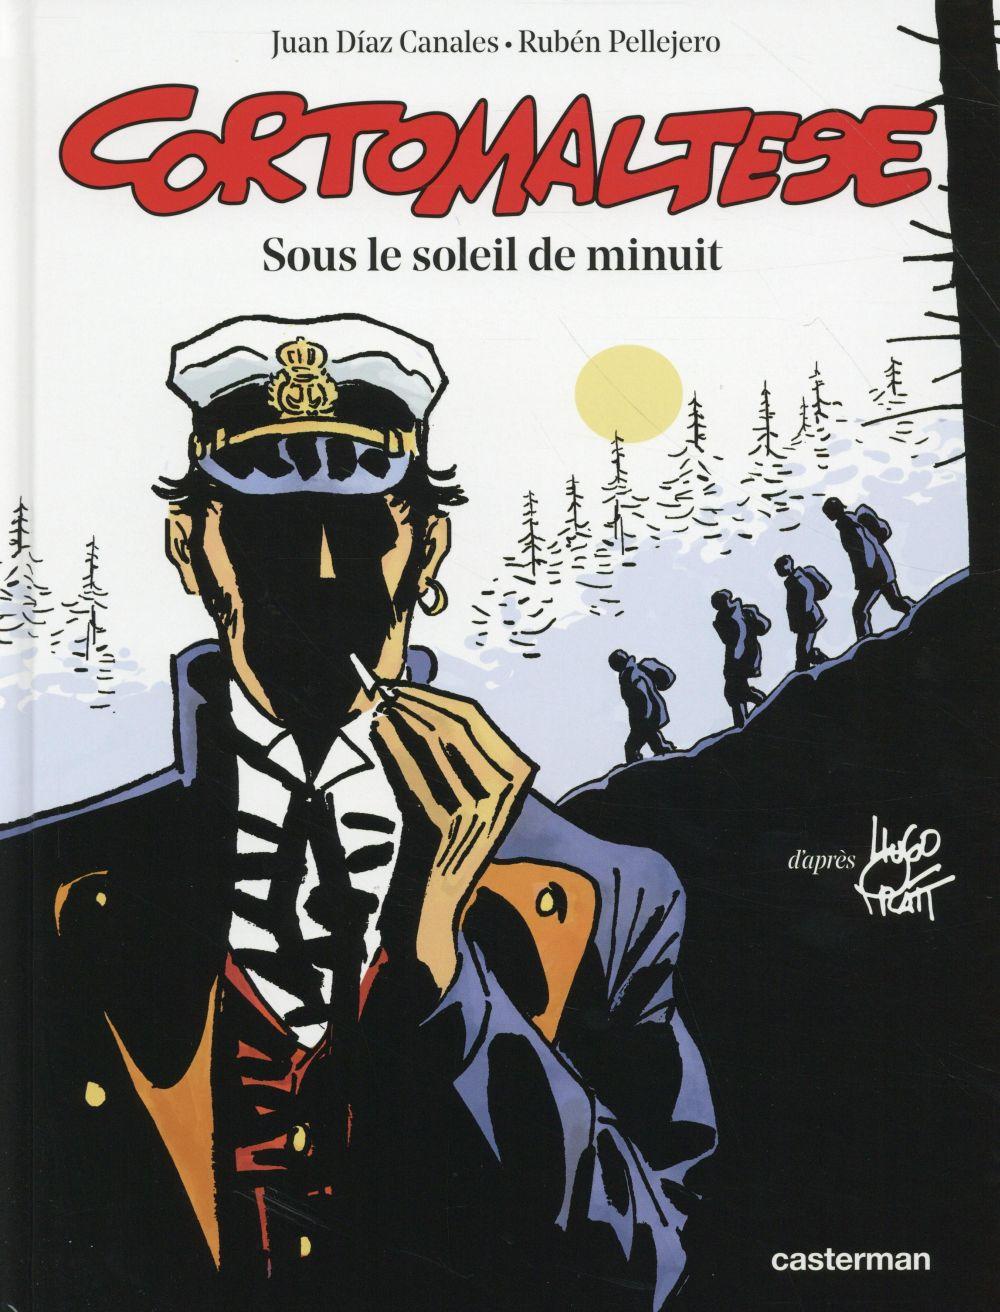 EDITION COULEURS - SOUS LE SOLEIL DE MINUIT - D'APRES L'OEUVRE D' HUGO PRATT